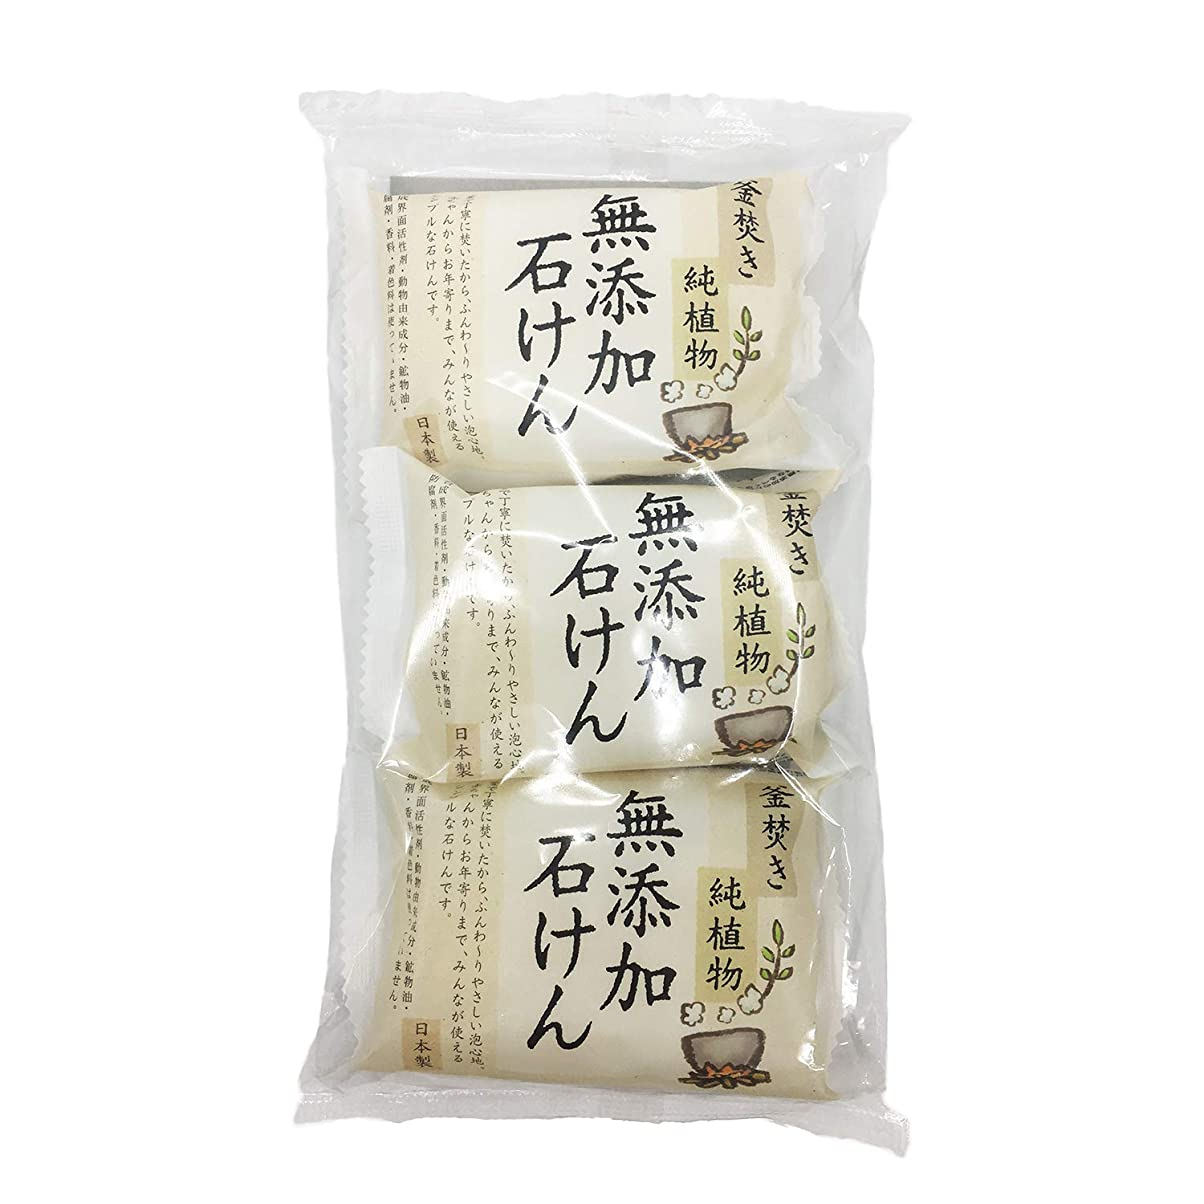 可愛い陽気な韻ペリカン石鹸 釜焚き純植物無添加石けん 85g×3個